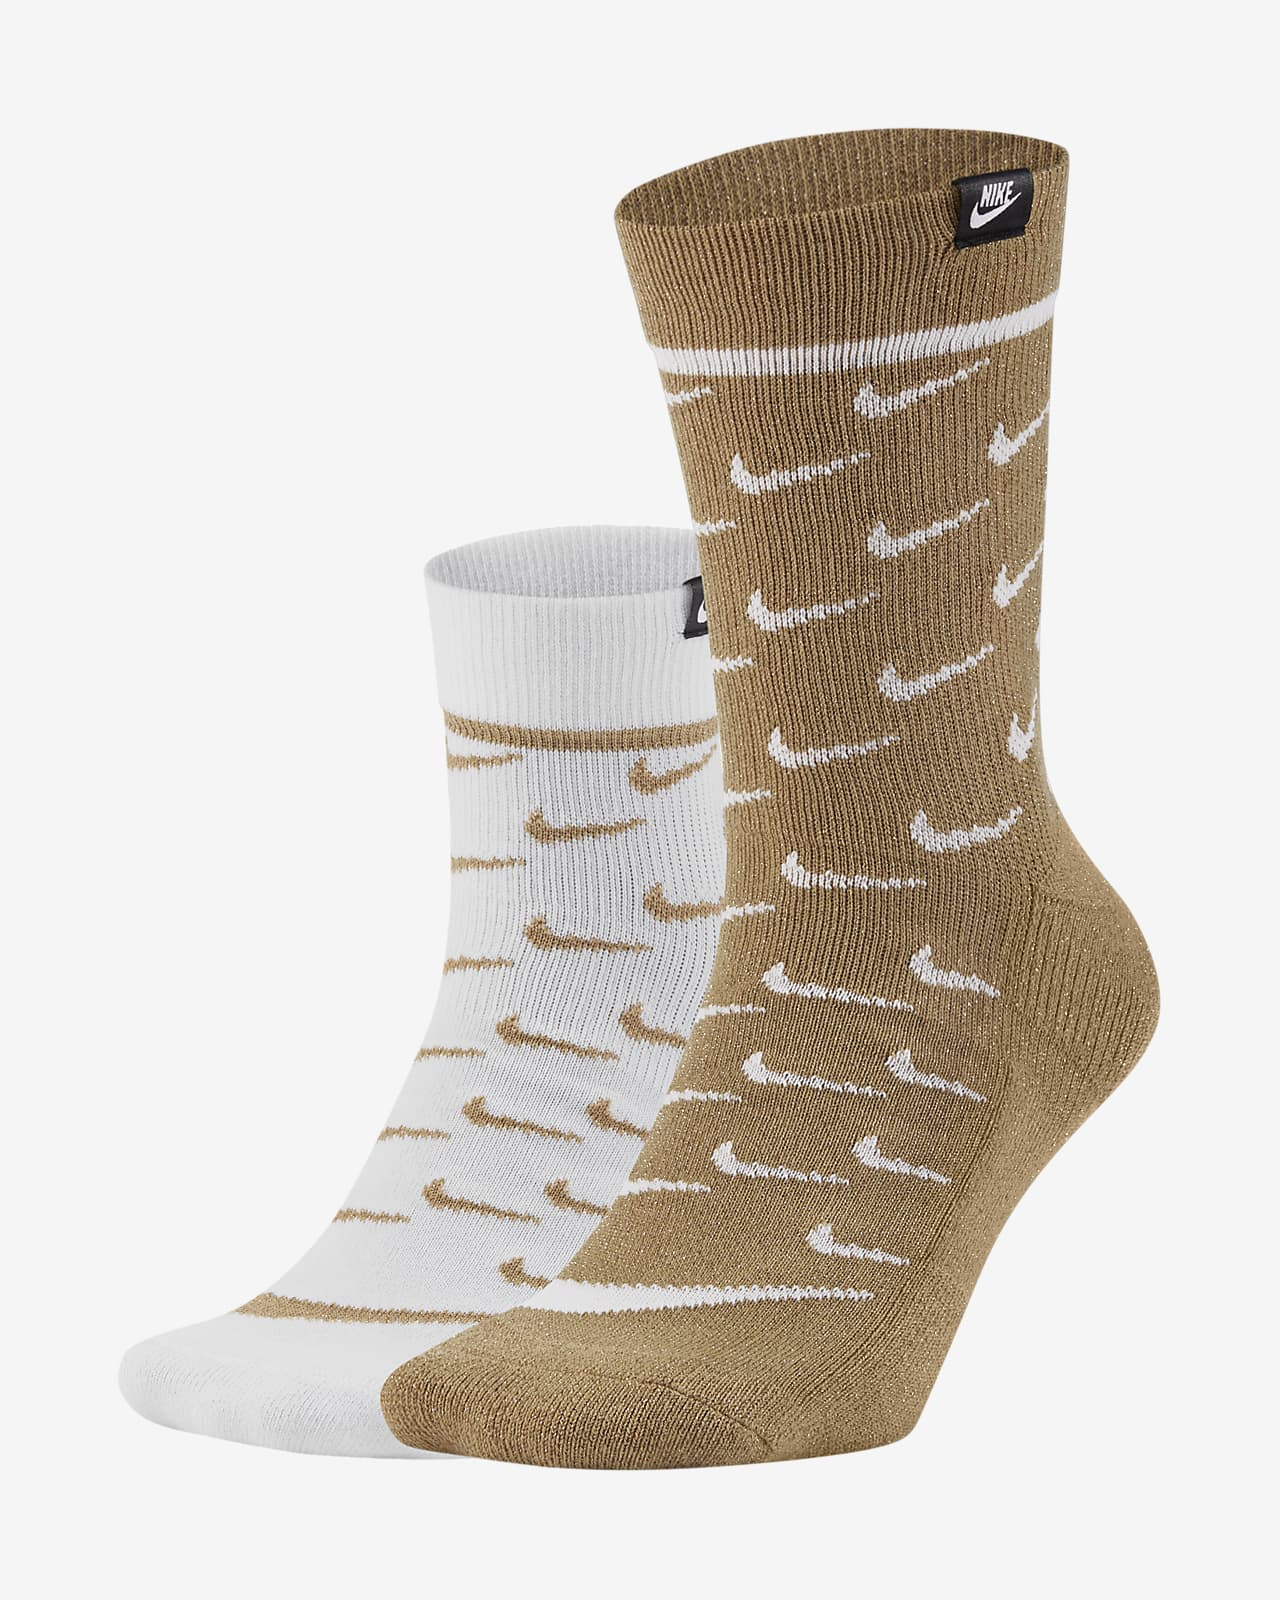 Nike Sportswear SNEAKR Sox Crew sokken (2 paar)